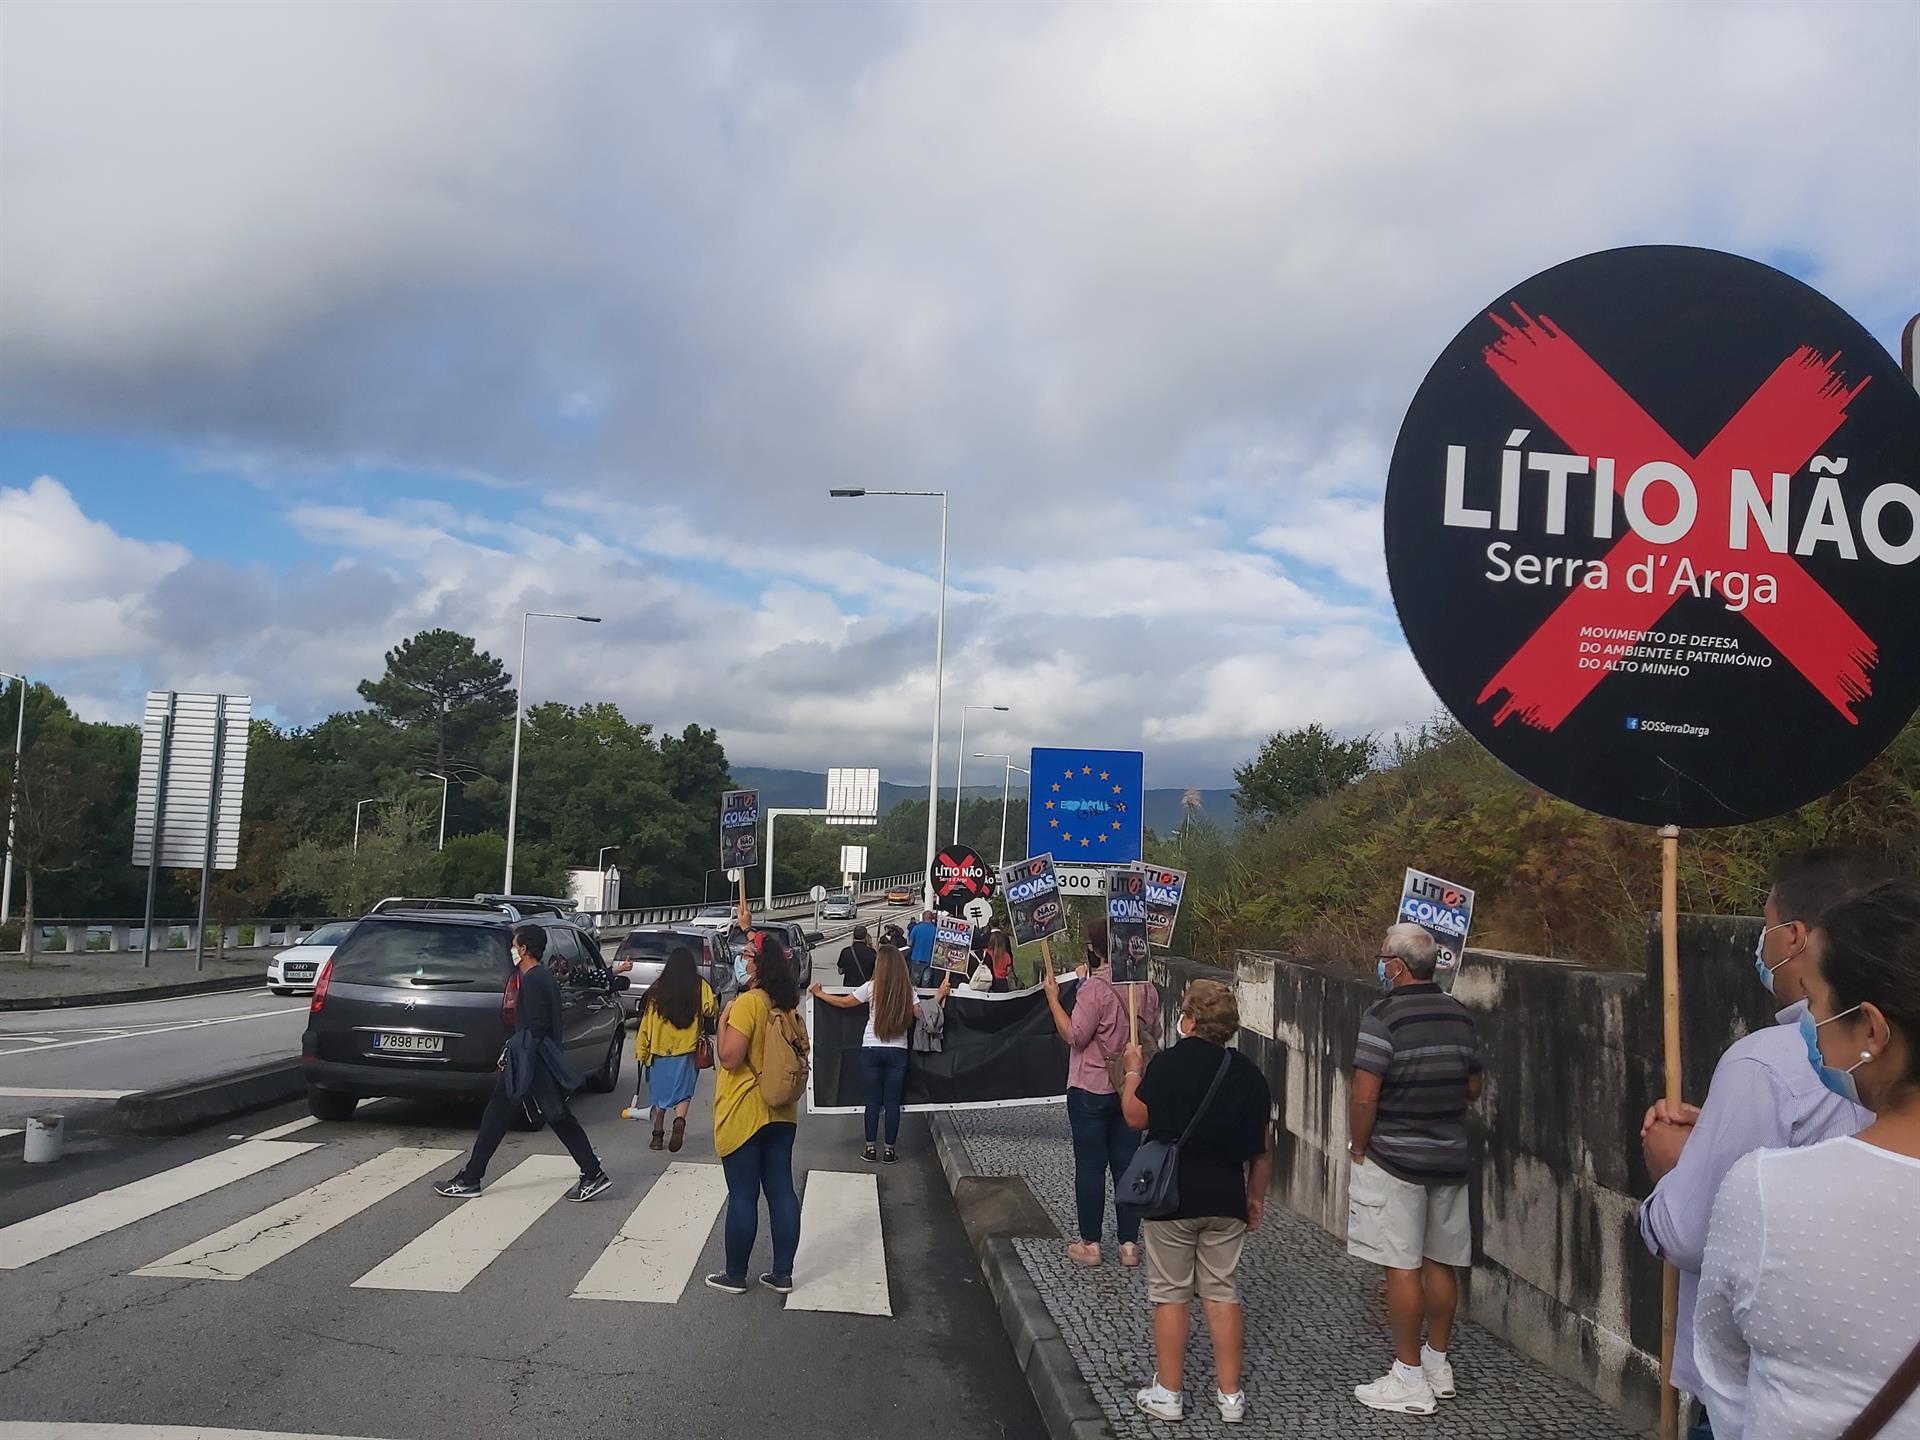 Portugueses e galegos juntam-se a meio da ponte de Cerveira para protestar contra exploração de lítio na Serra d'Arga